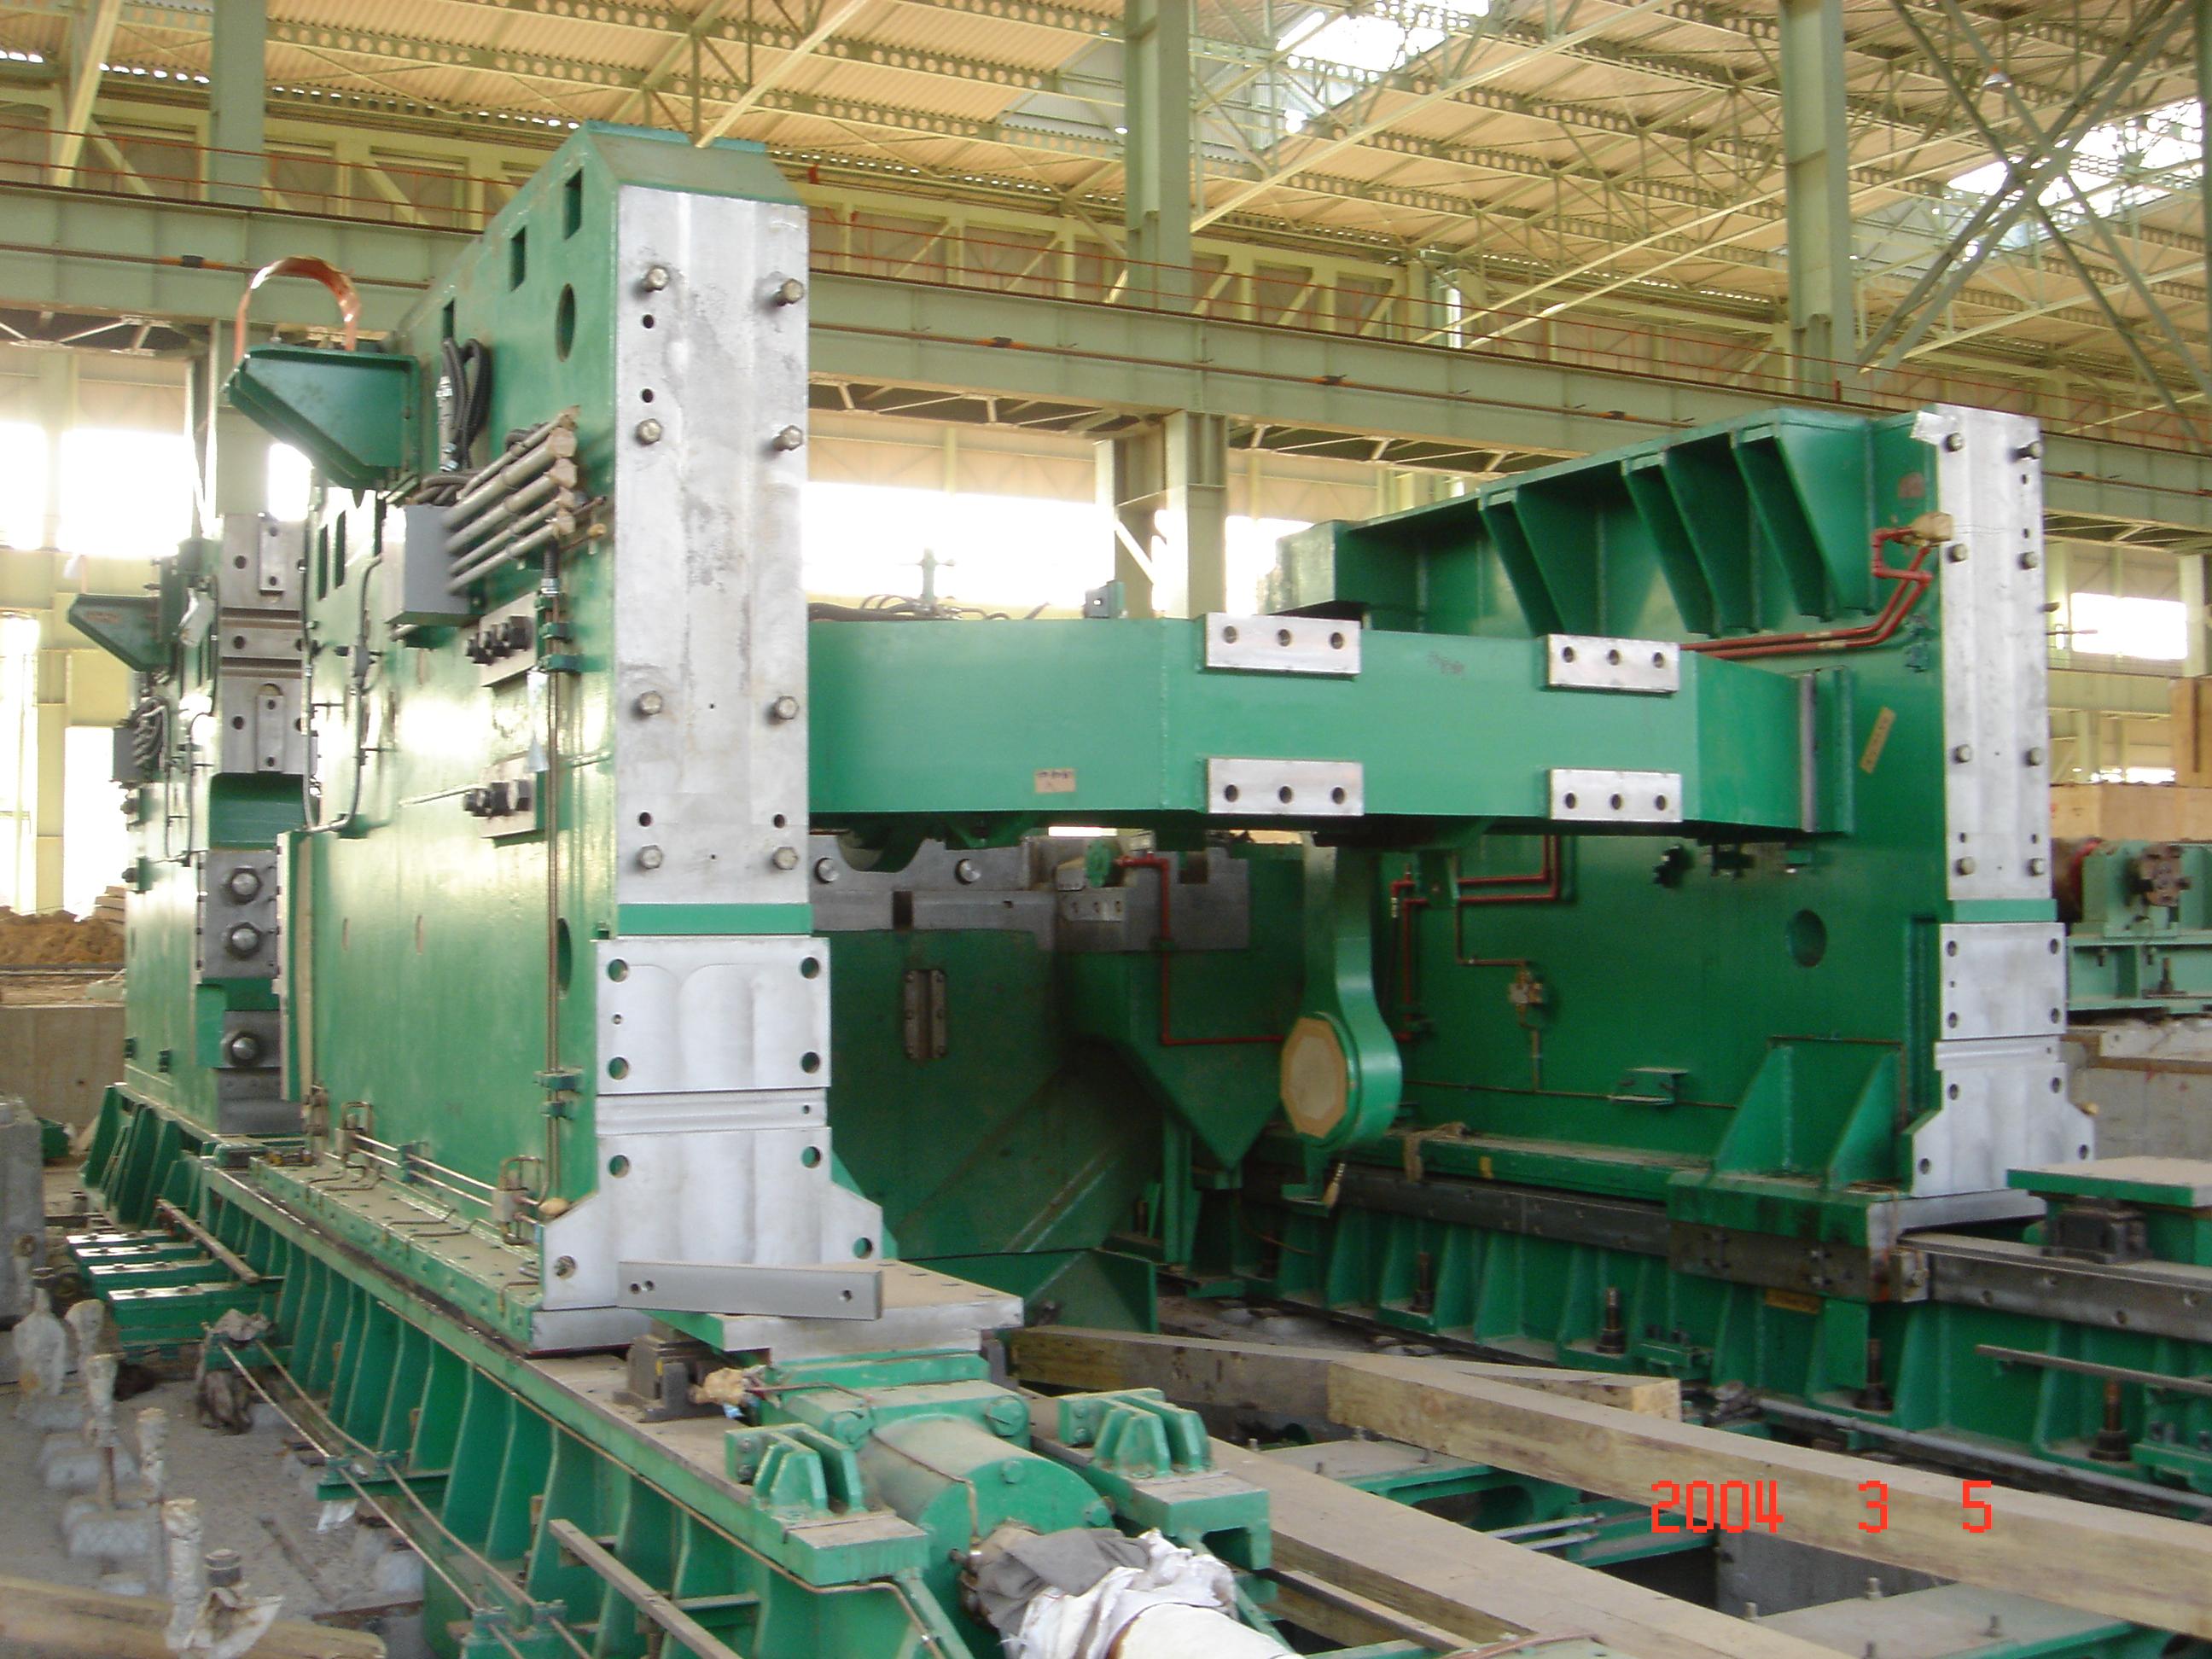 2005年 南钢宽中厚板工程双边剪设备安装